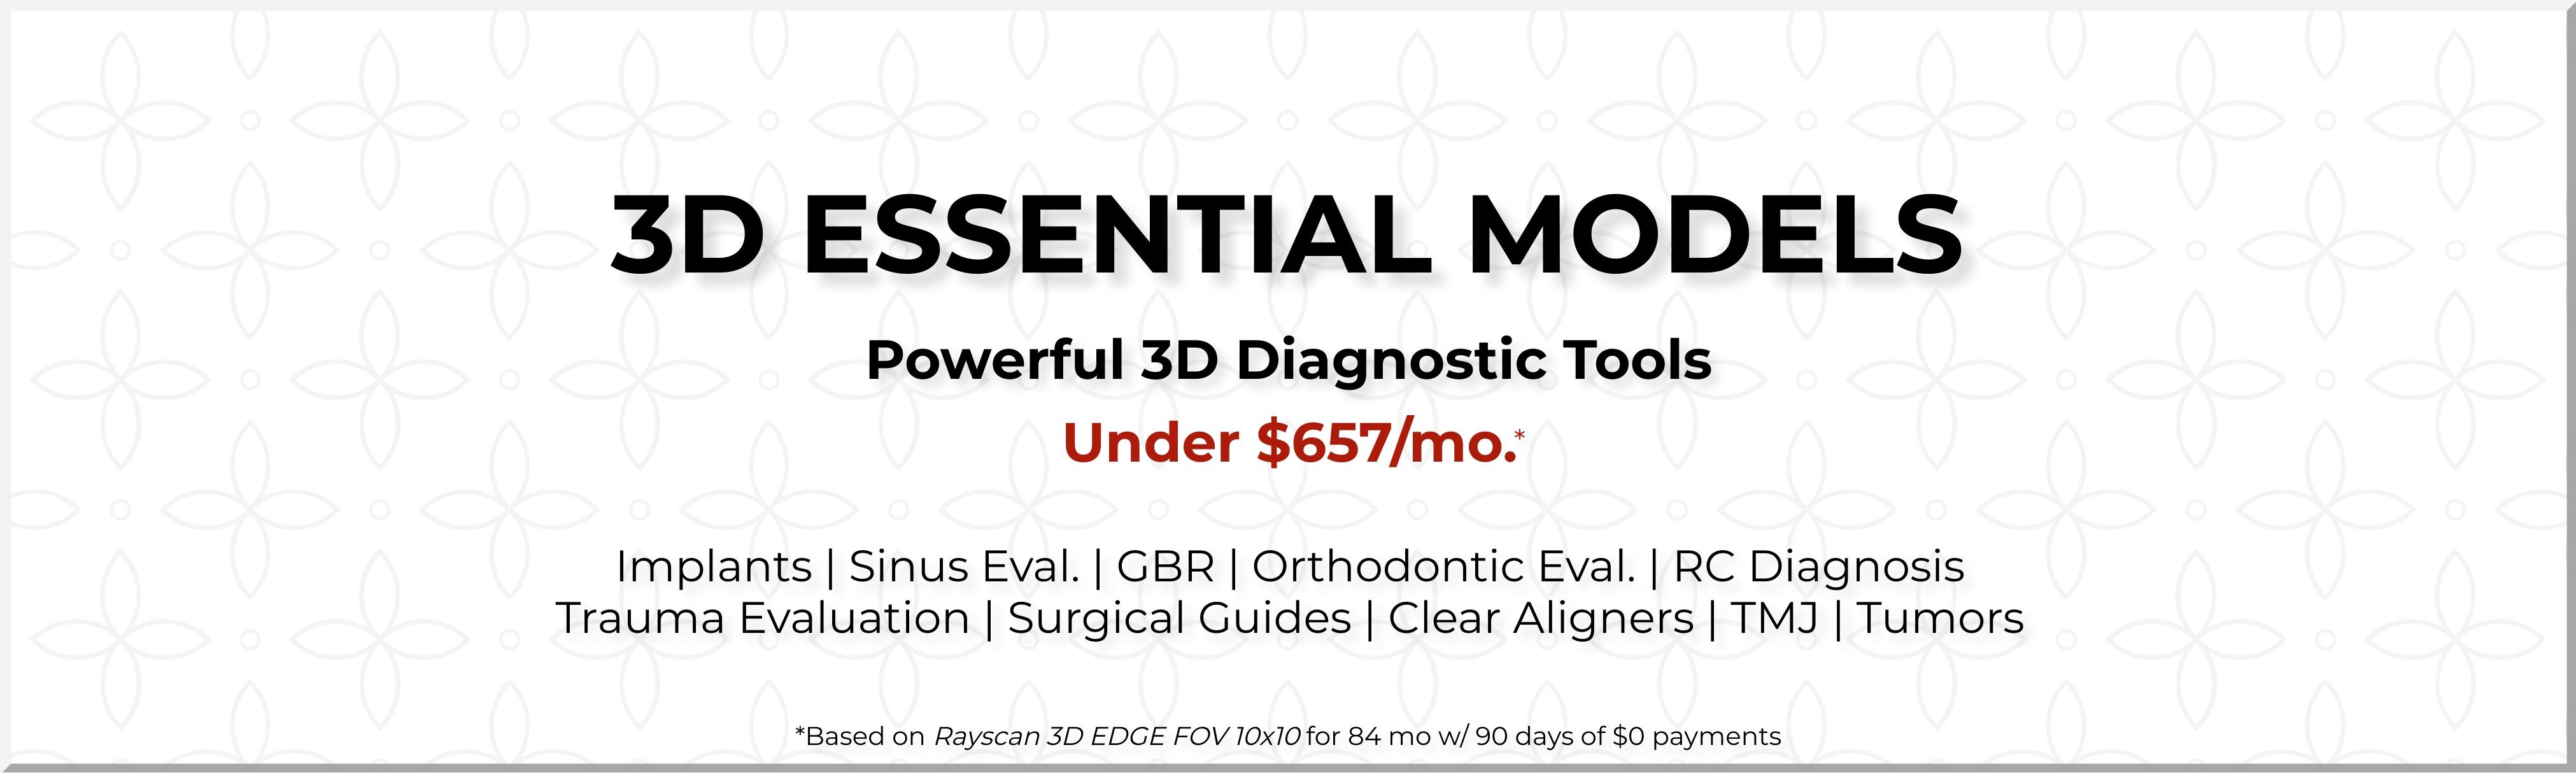 3d-essential-models-cat-page-v.3.jpg